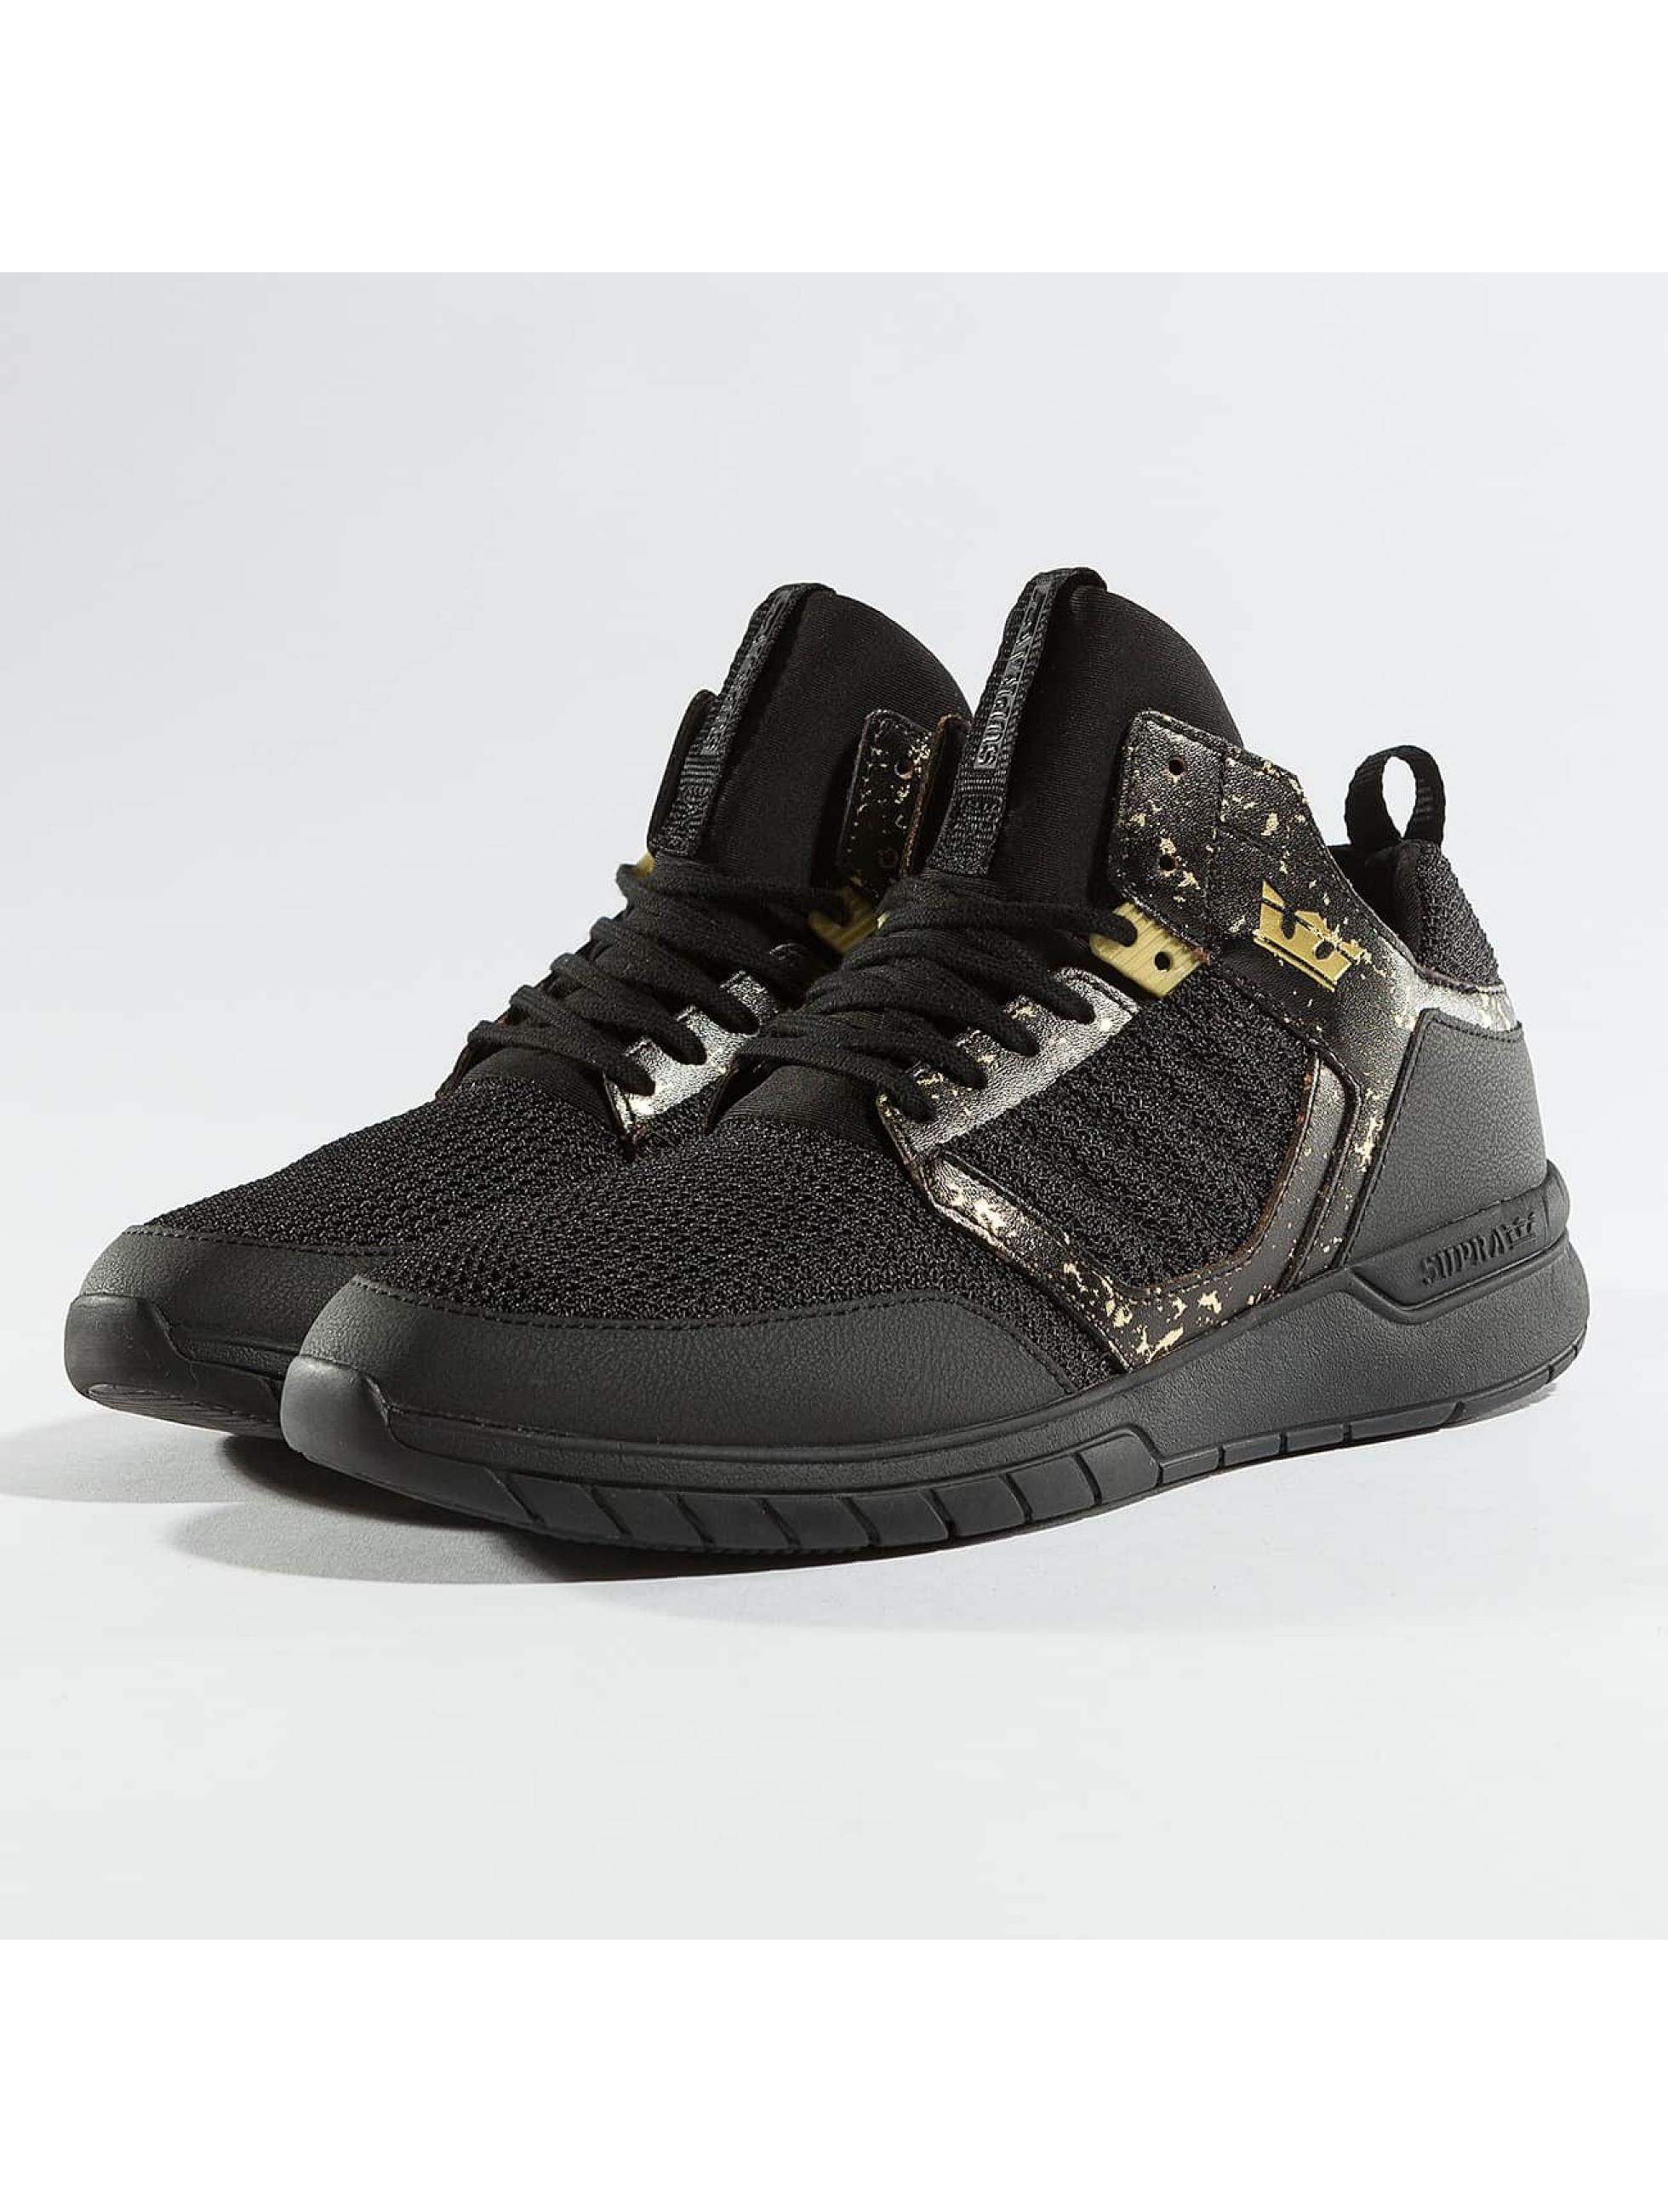 Supra Männer Sneaker Method in schwarz